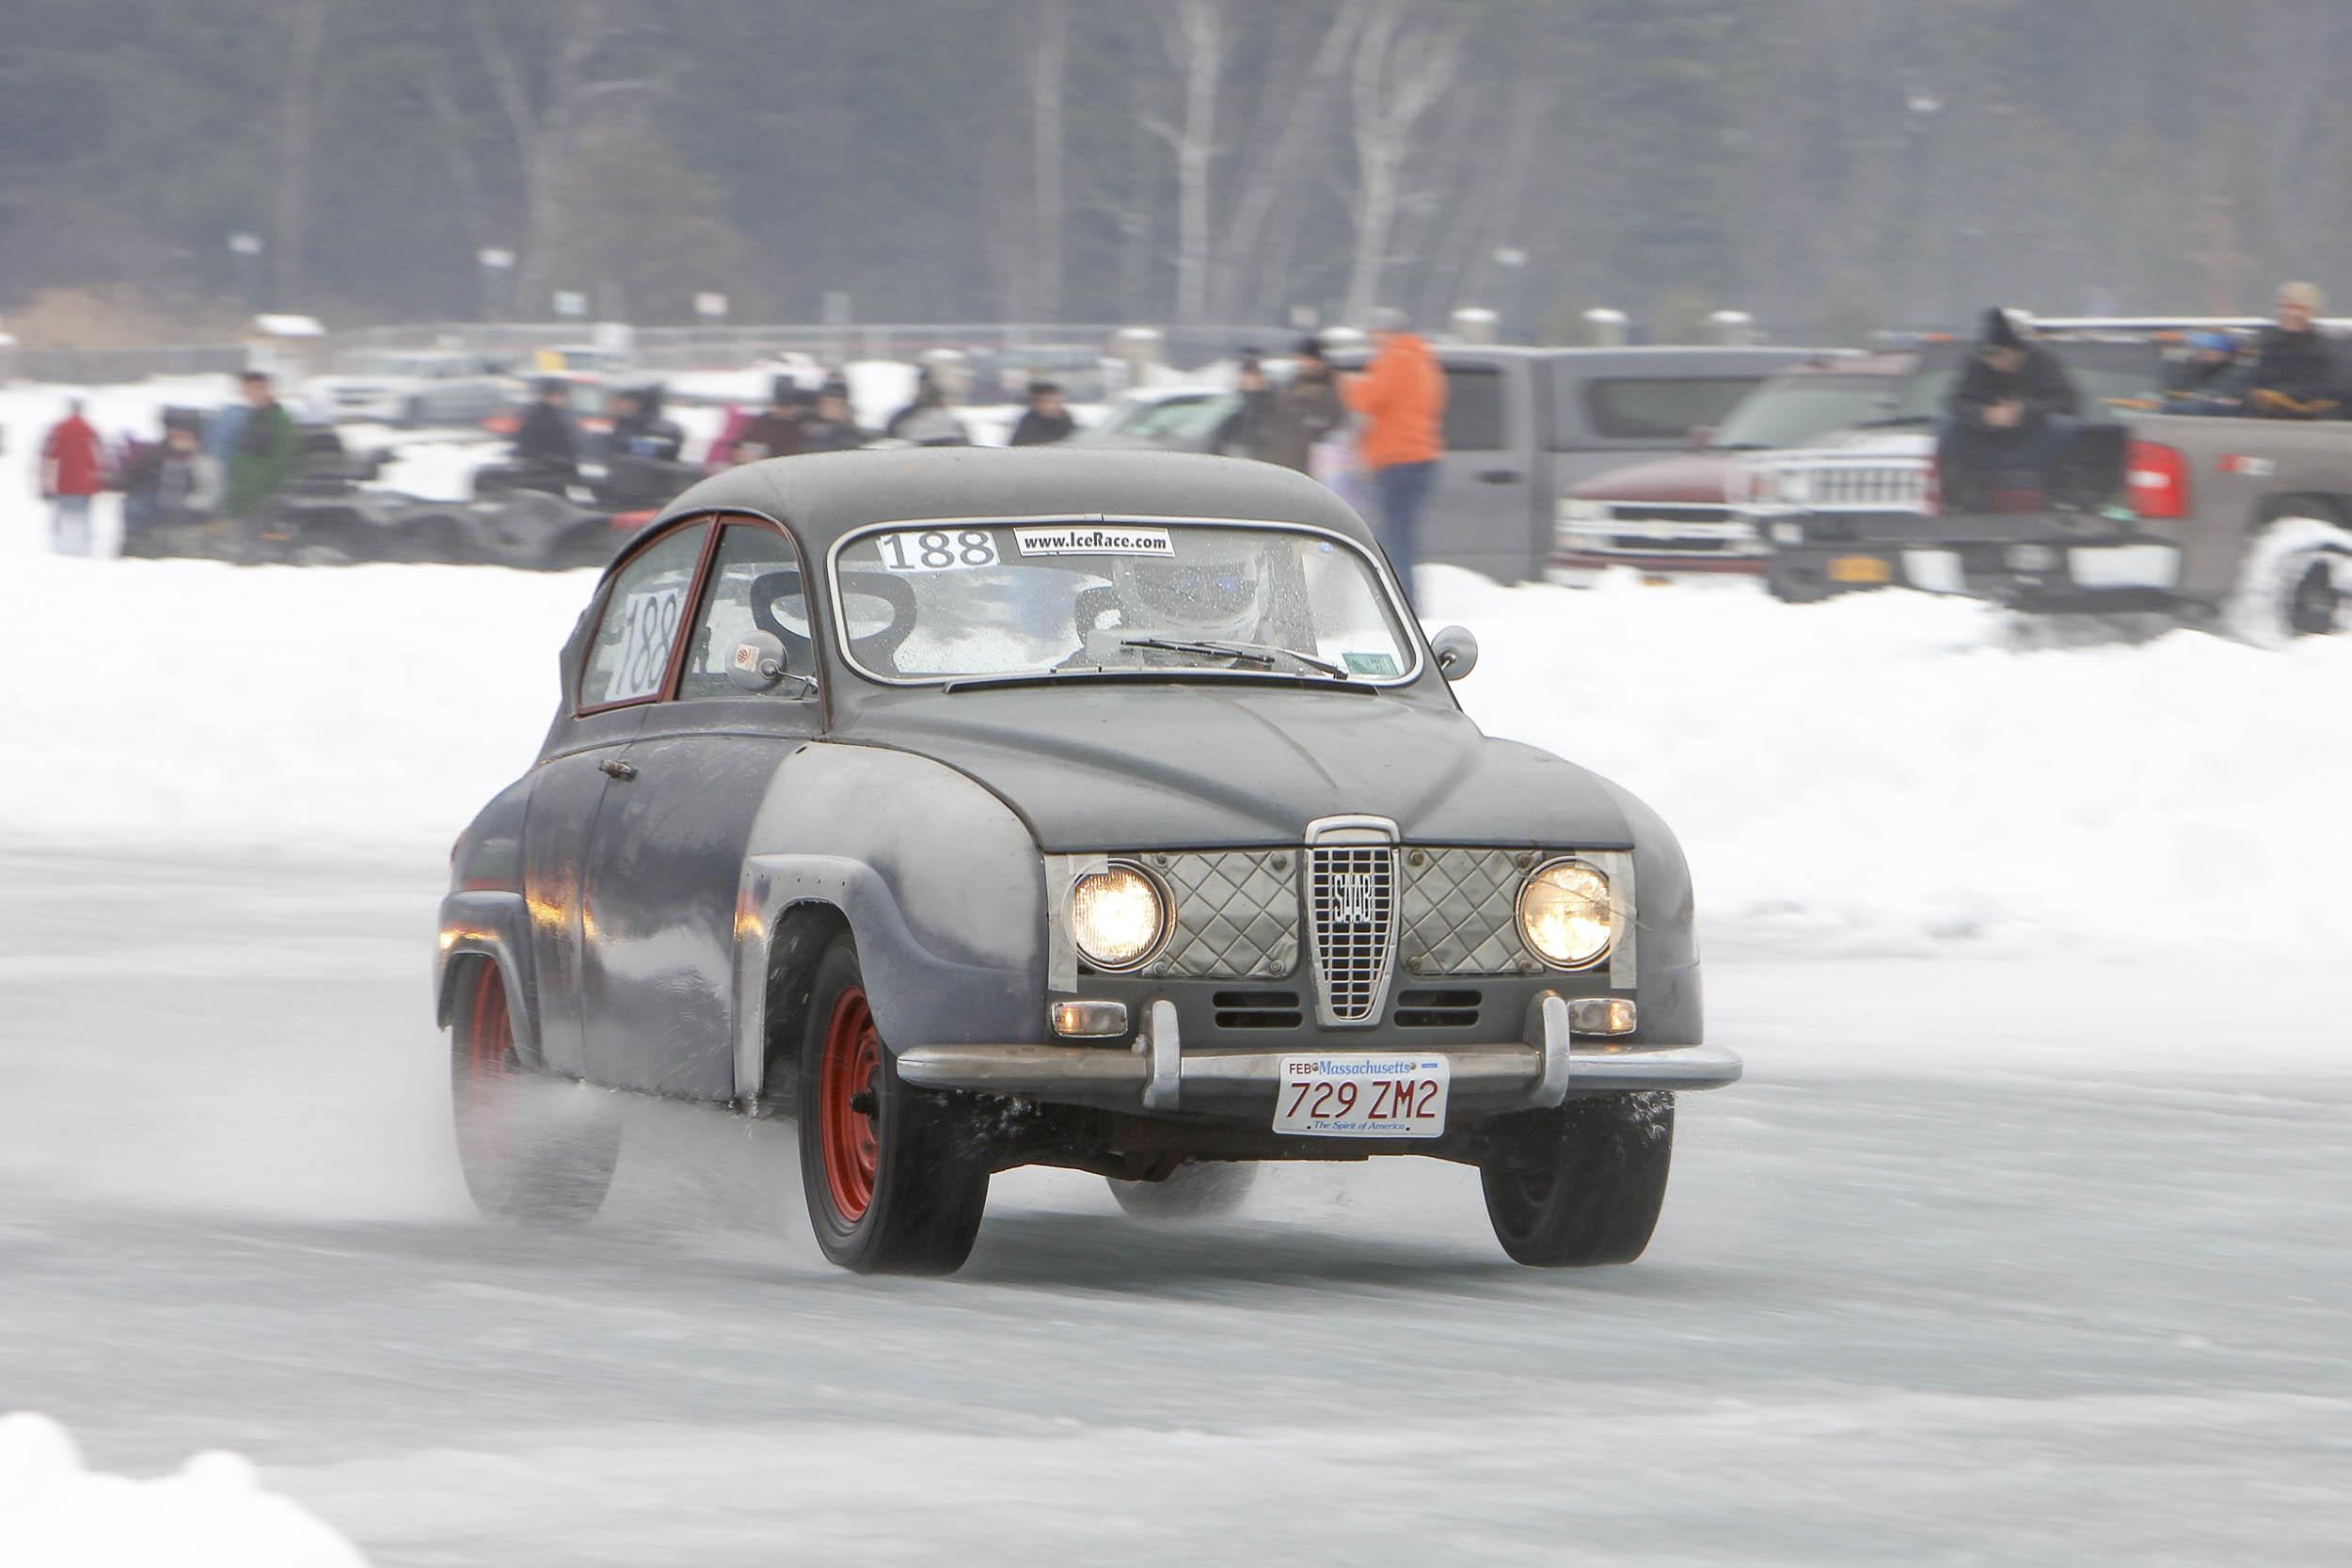 Saab ice racing